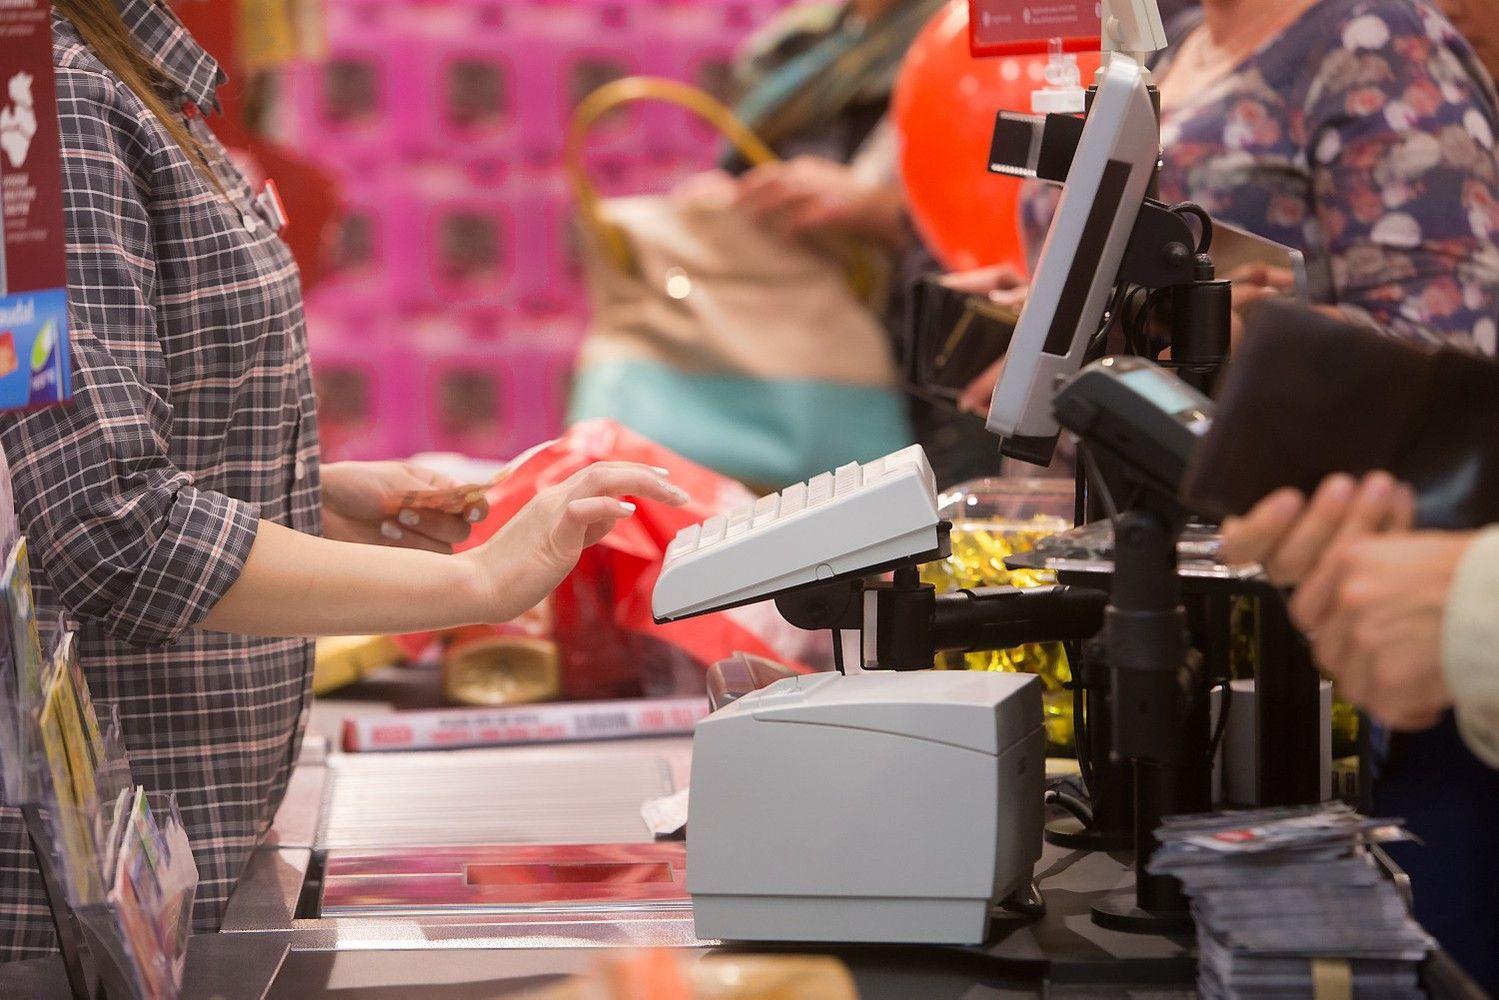 Šiaulių bankas pasiūlė bekontaktes mokėjimo korteles